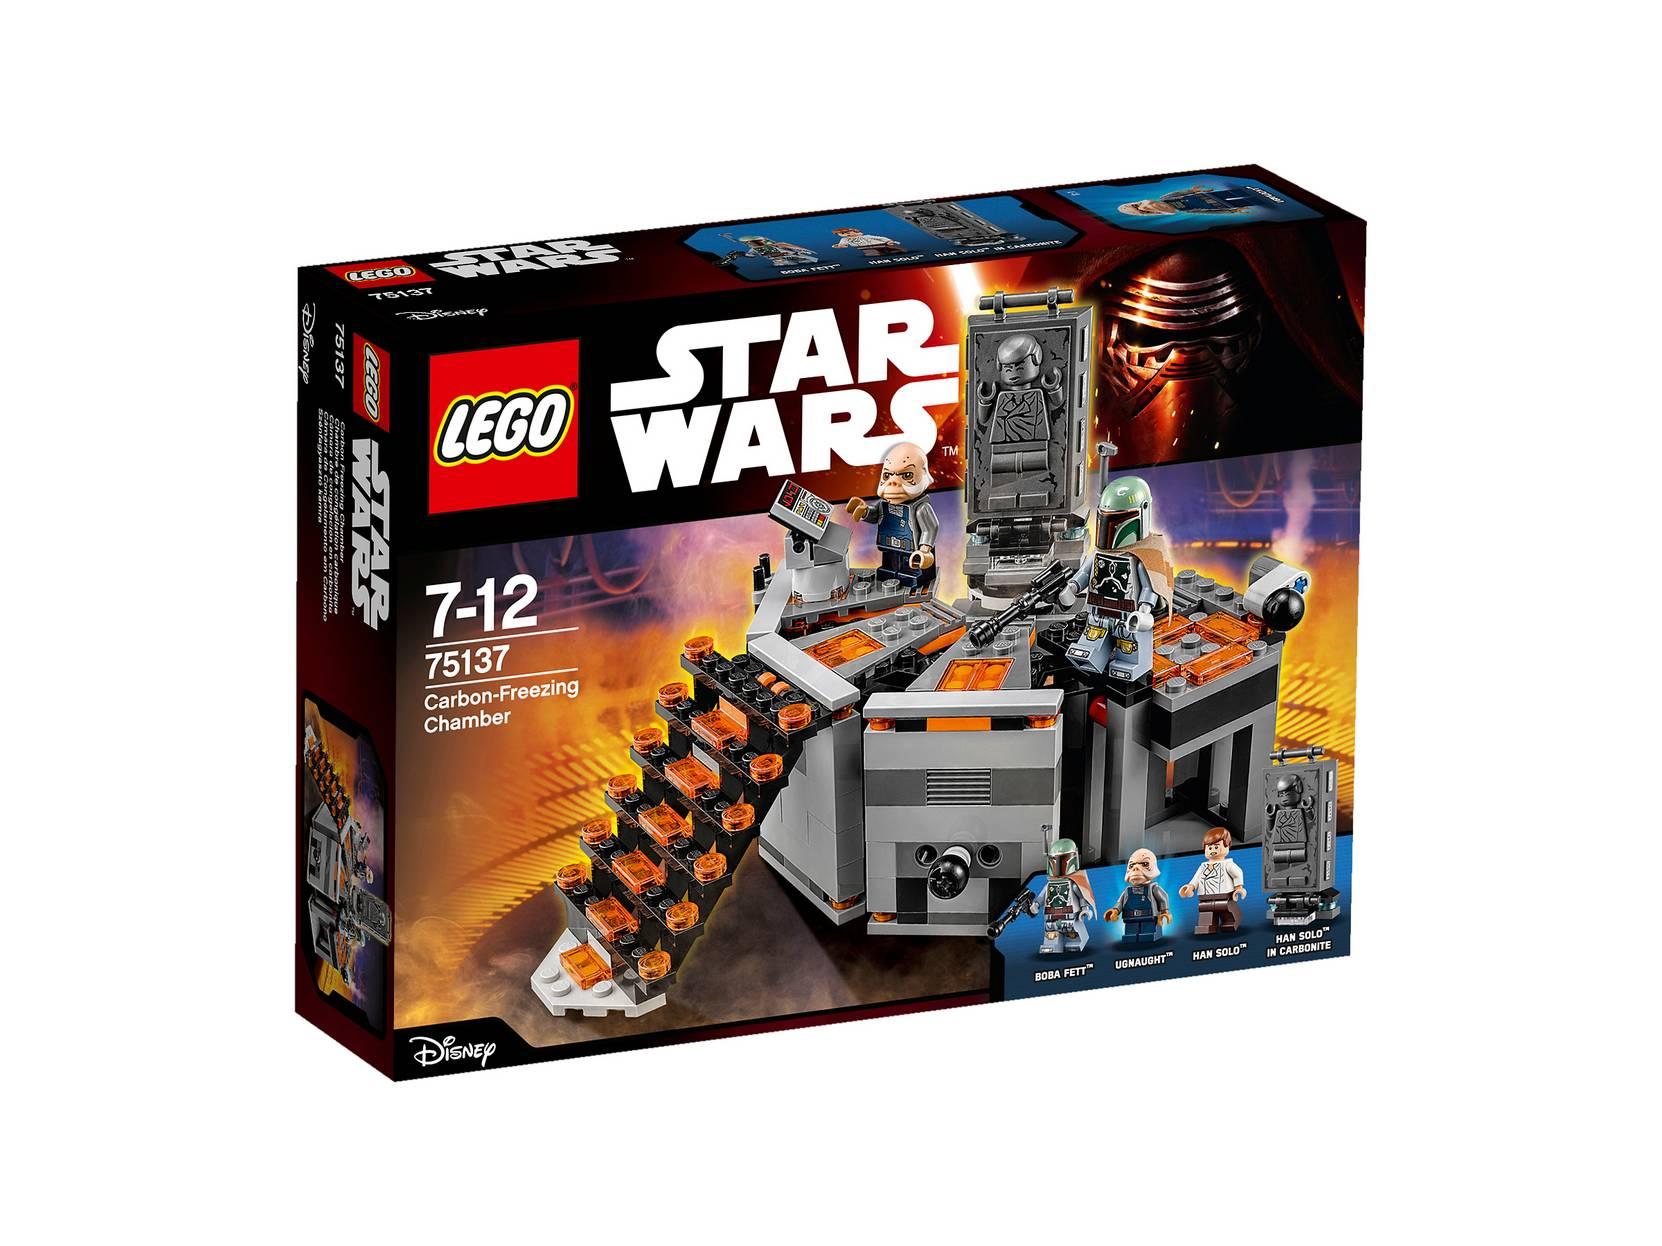 Karbonit-frysekammer 75137 LEGO Lego til Børn i 75137